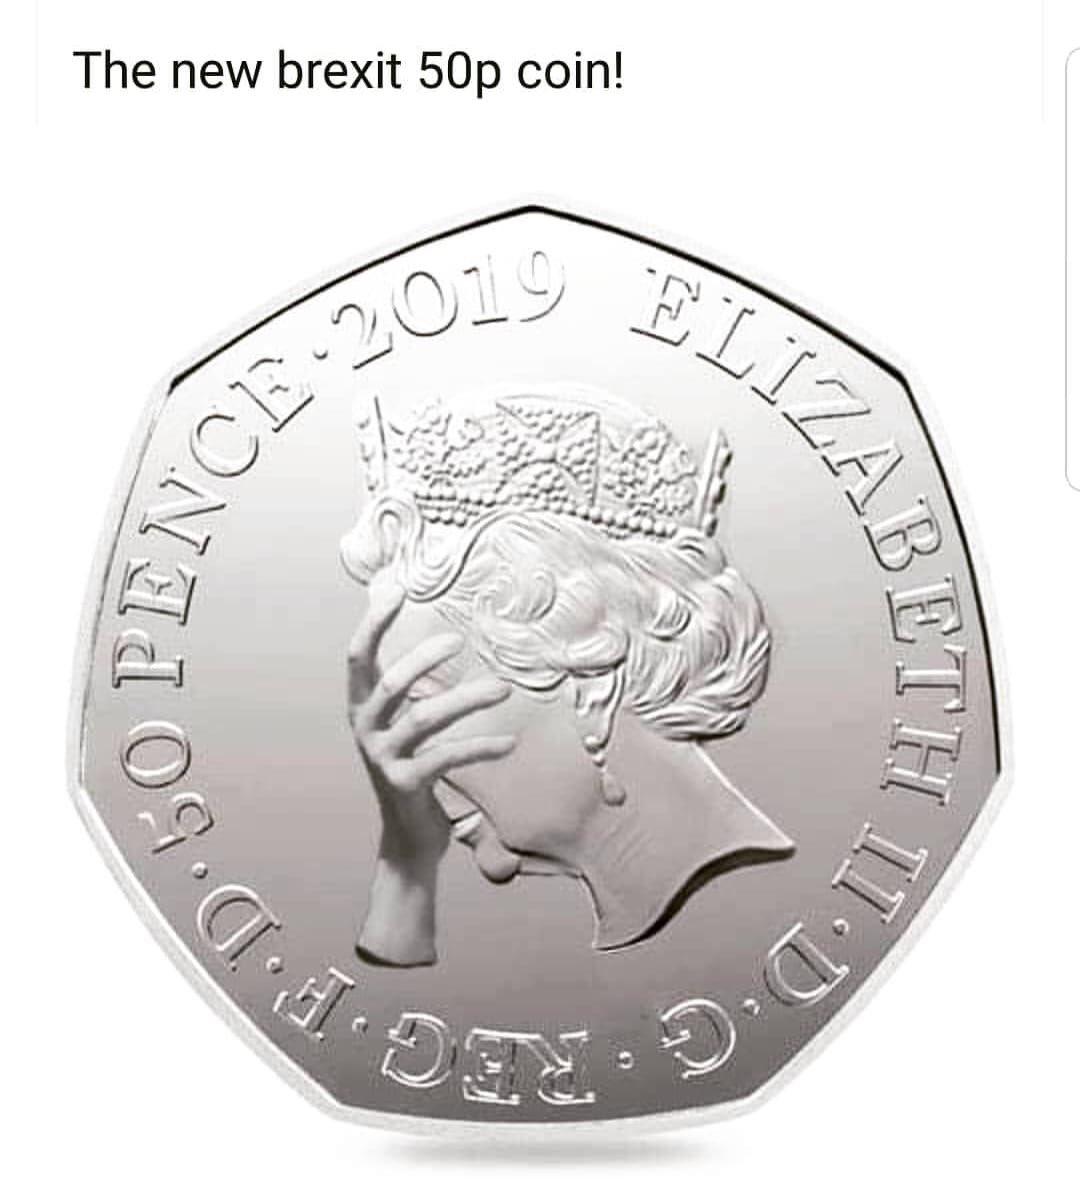 Brexit...